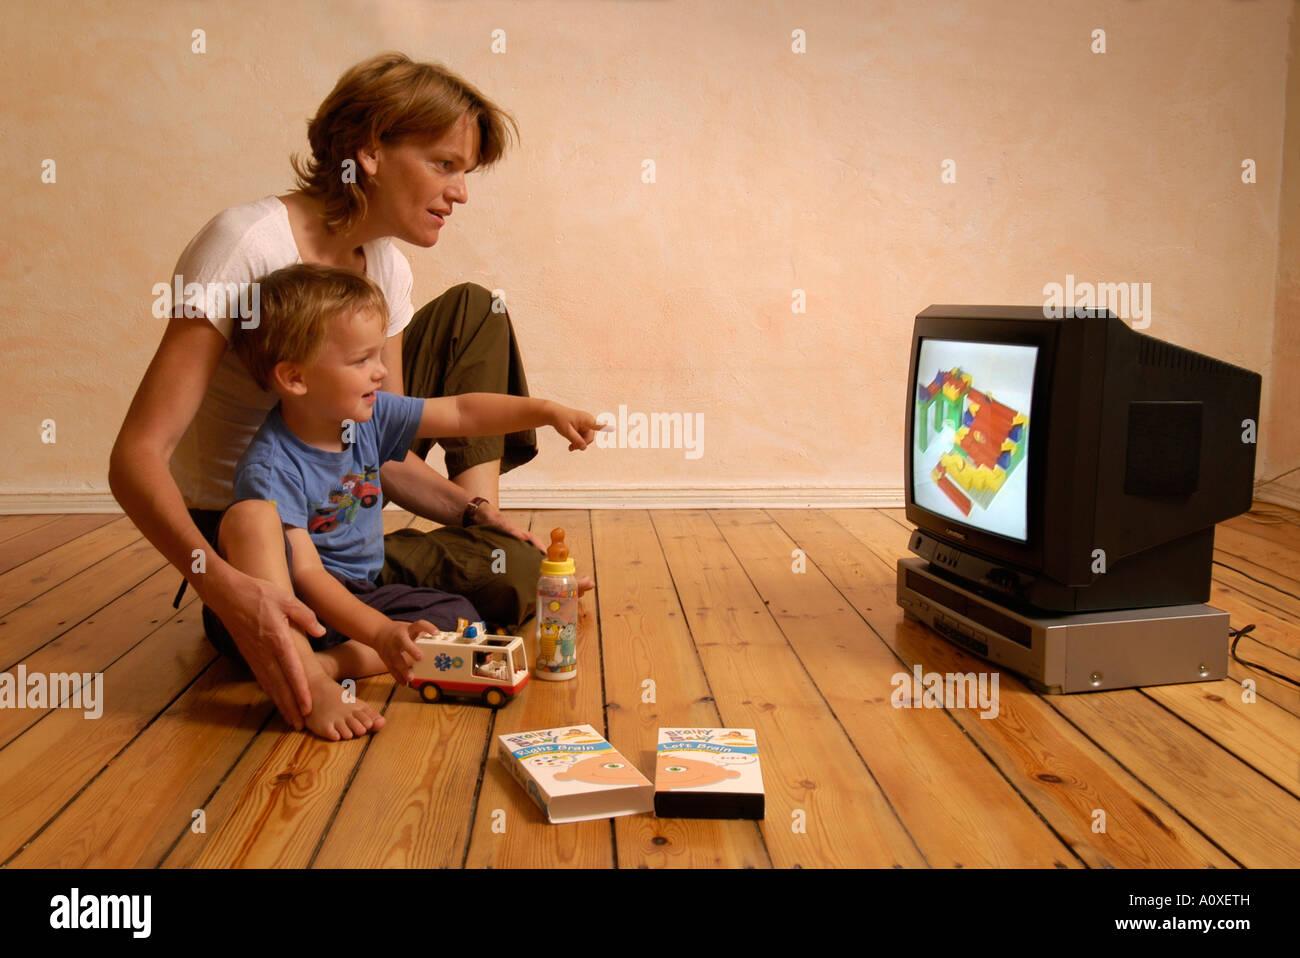 La madre e il bambino guardando un video Immagini Stock